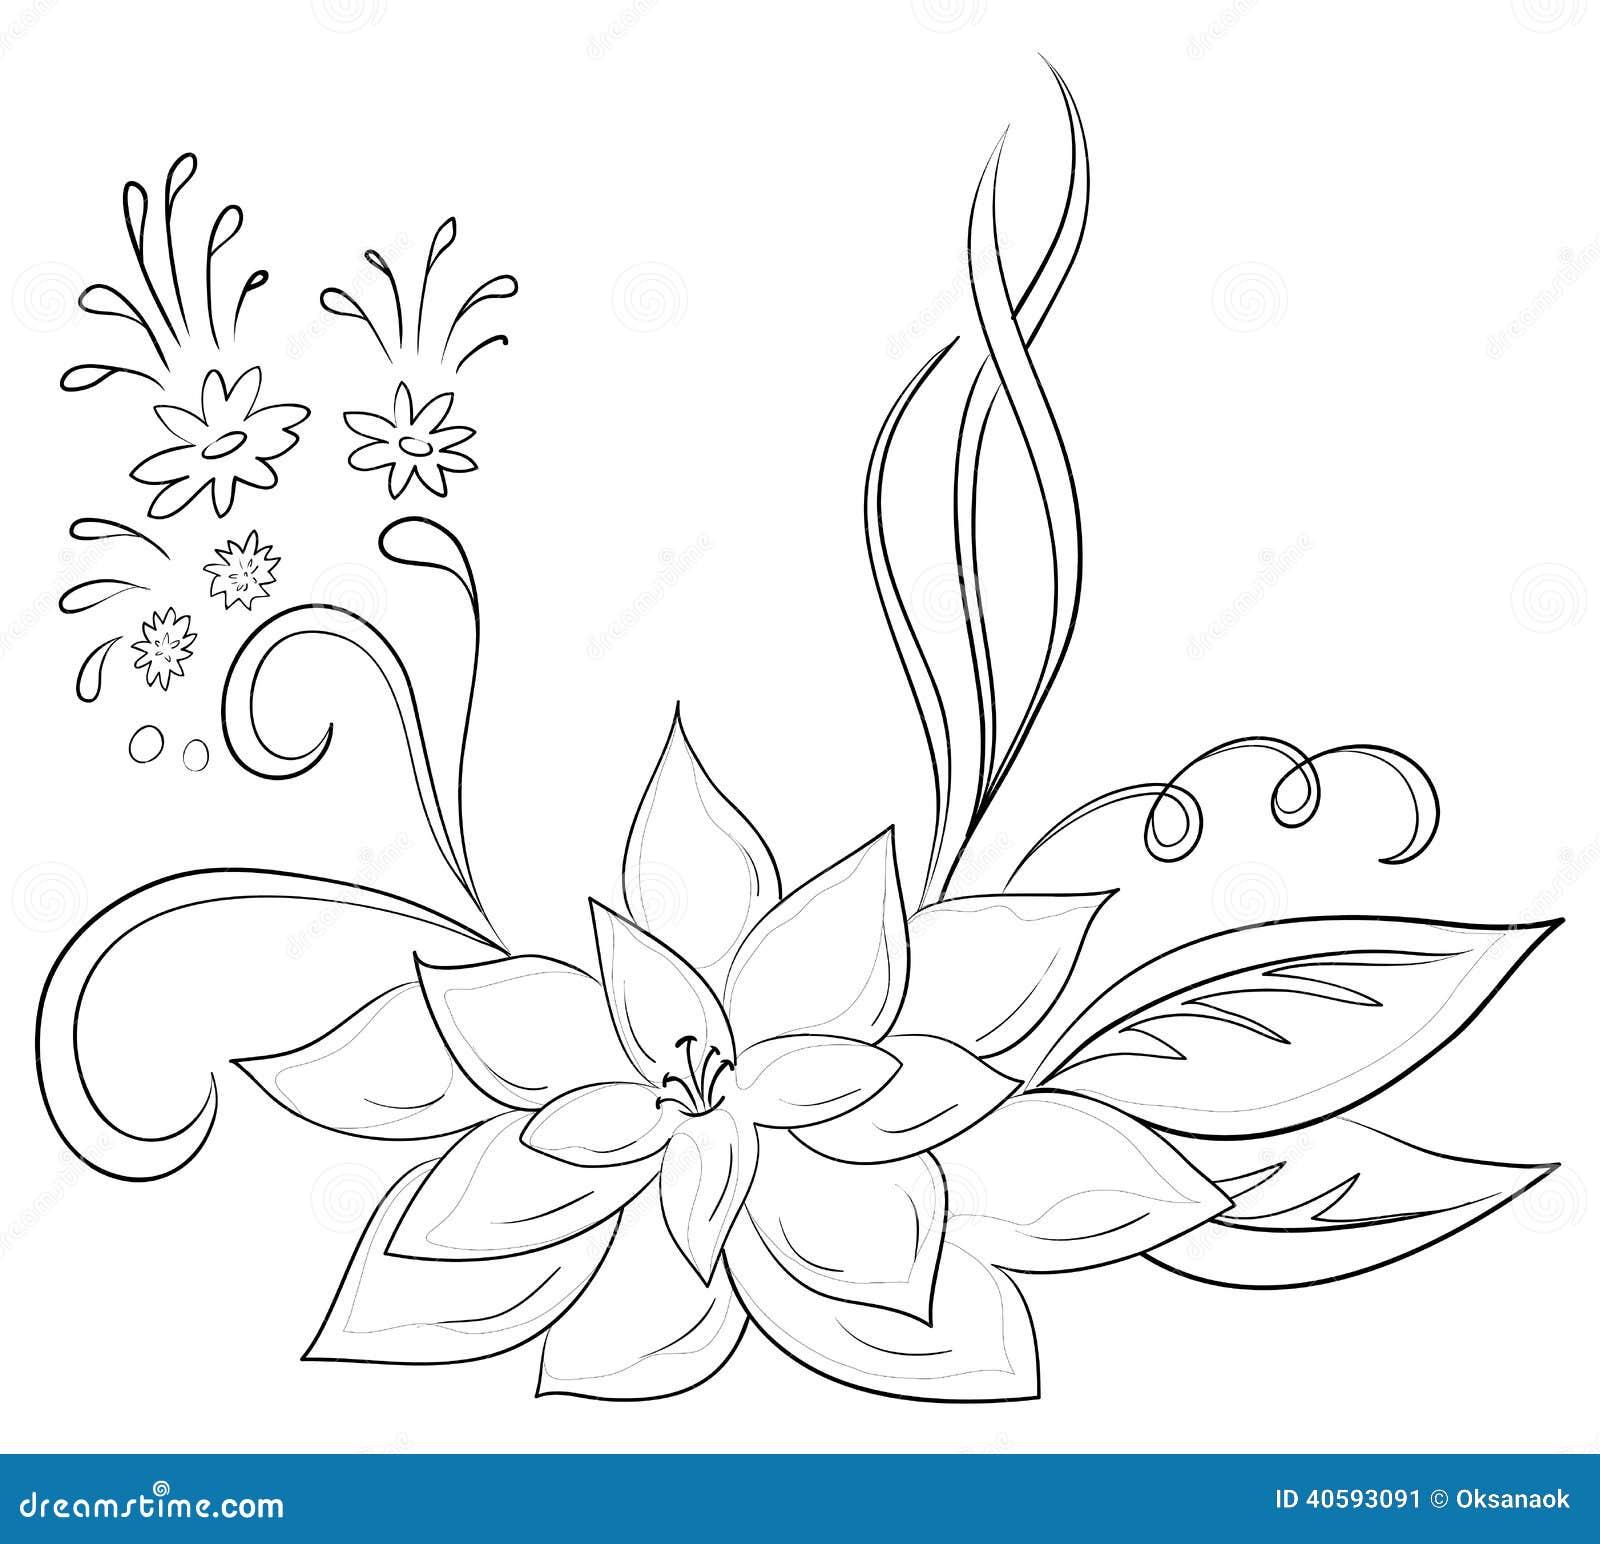 Как рисовать цветы контуры